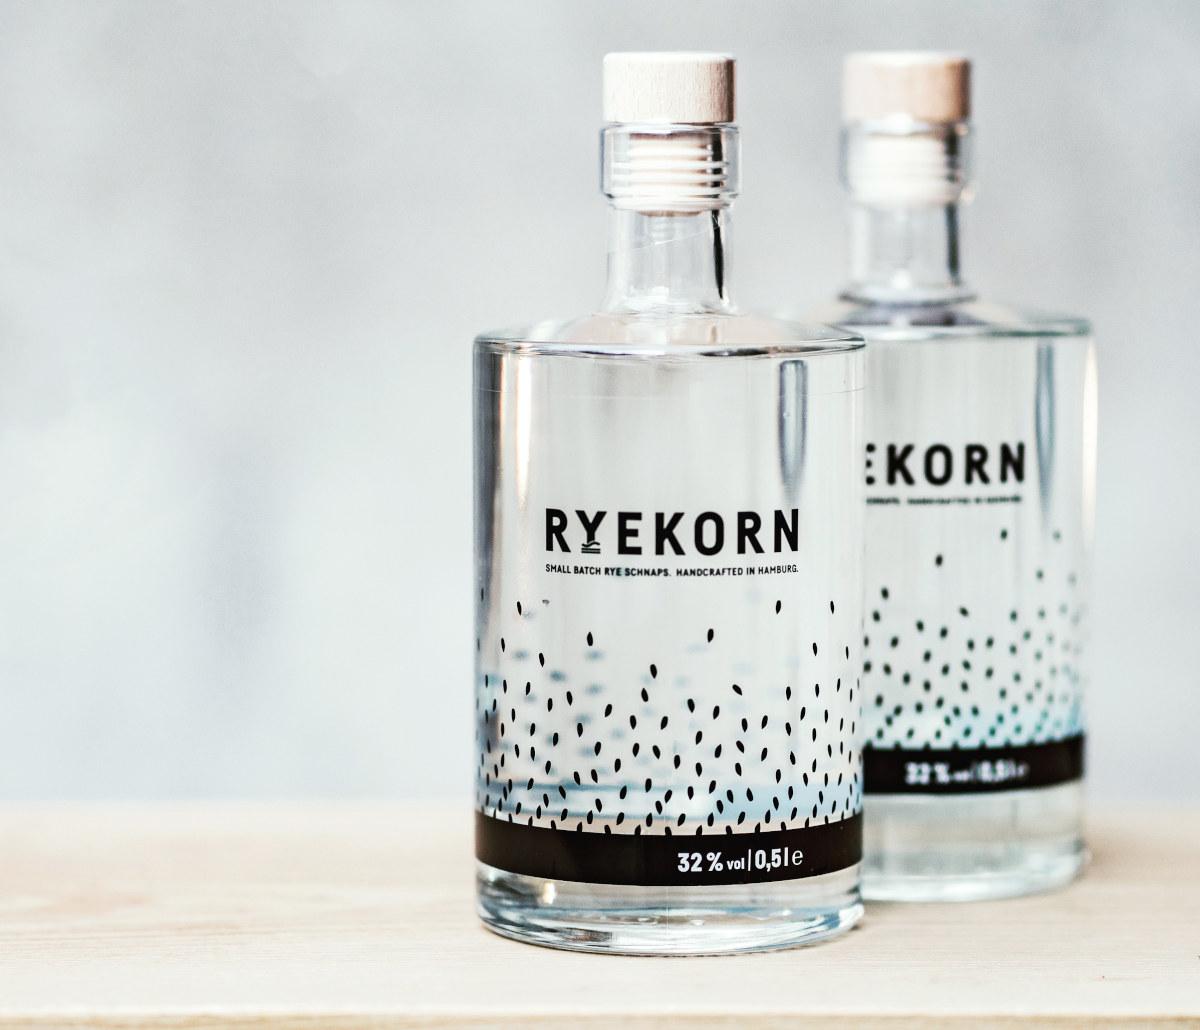 ryekorn-2-flaschen_Mood.jpg?160469086786